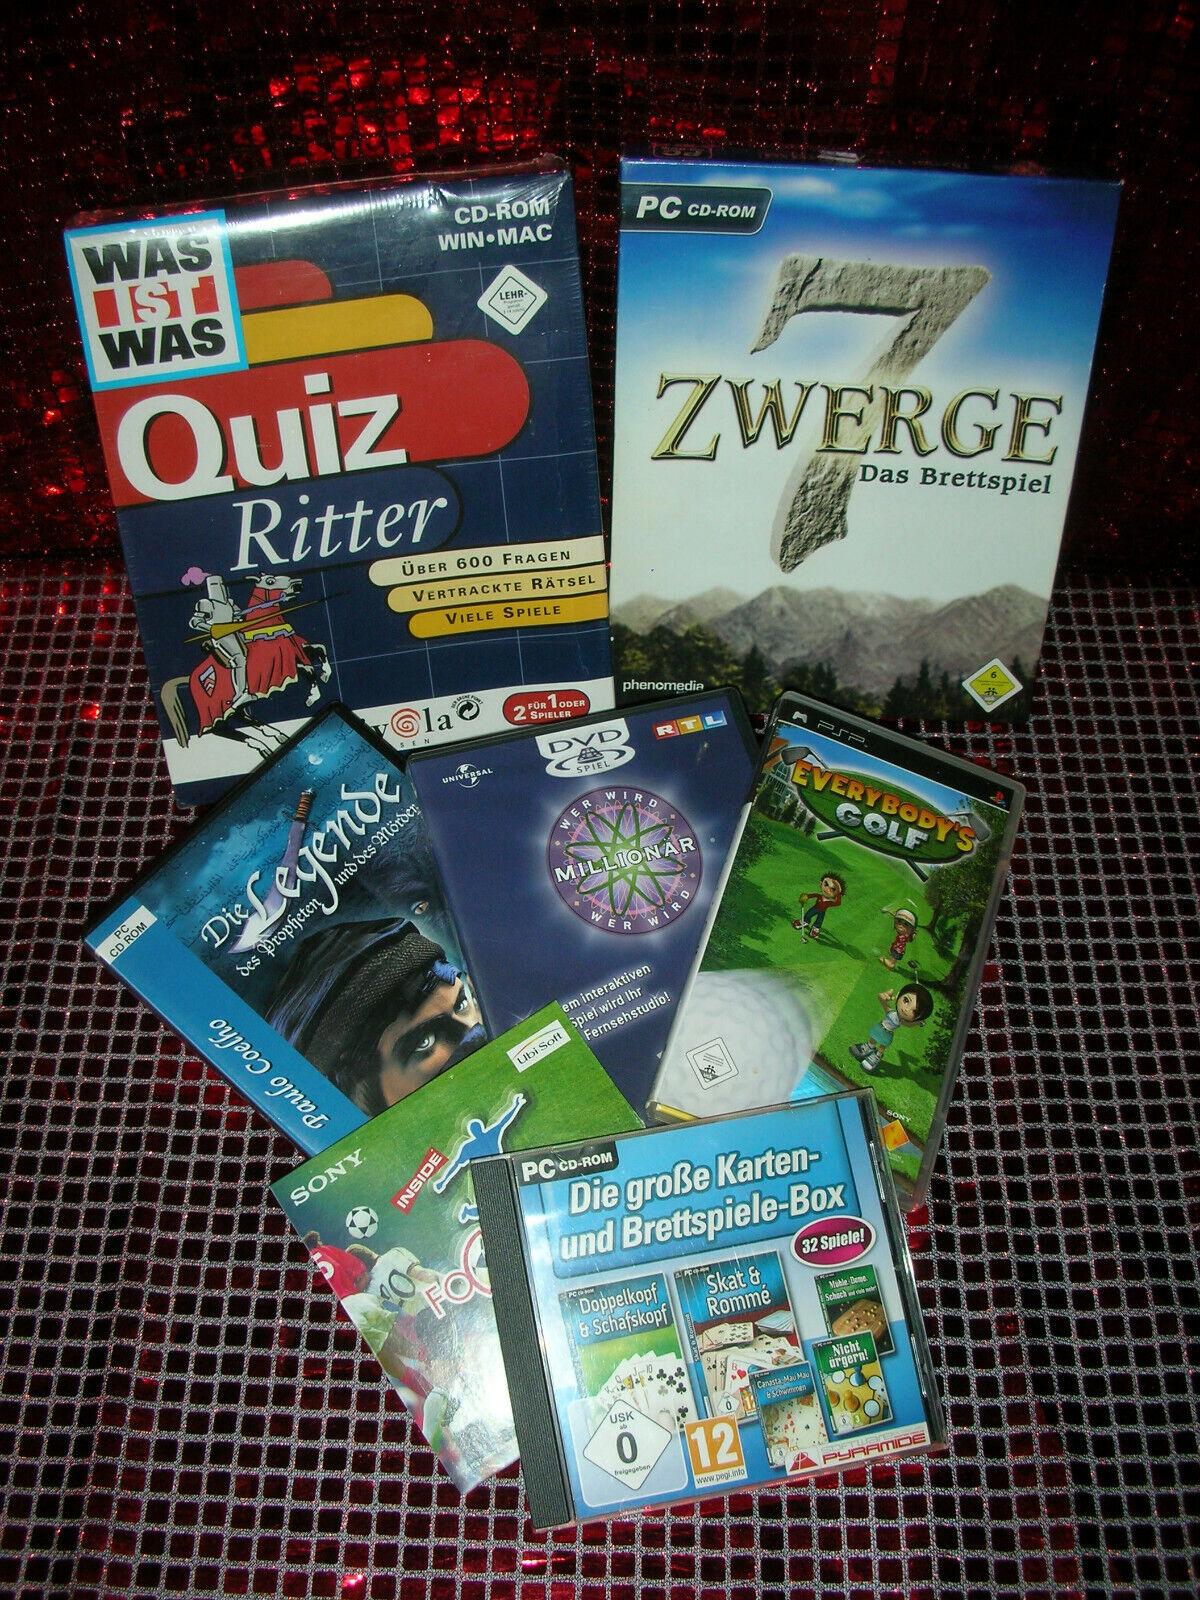 PC CD Rom - DVD Spiele Quizspiele / sehr schöne saubere erhaltung